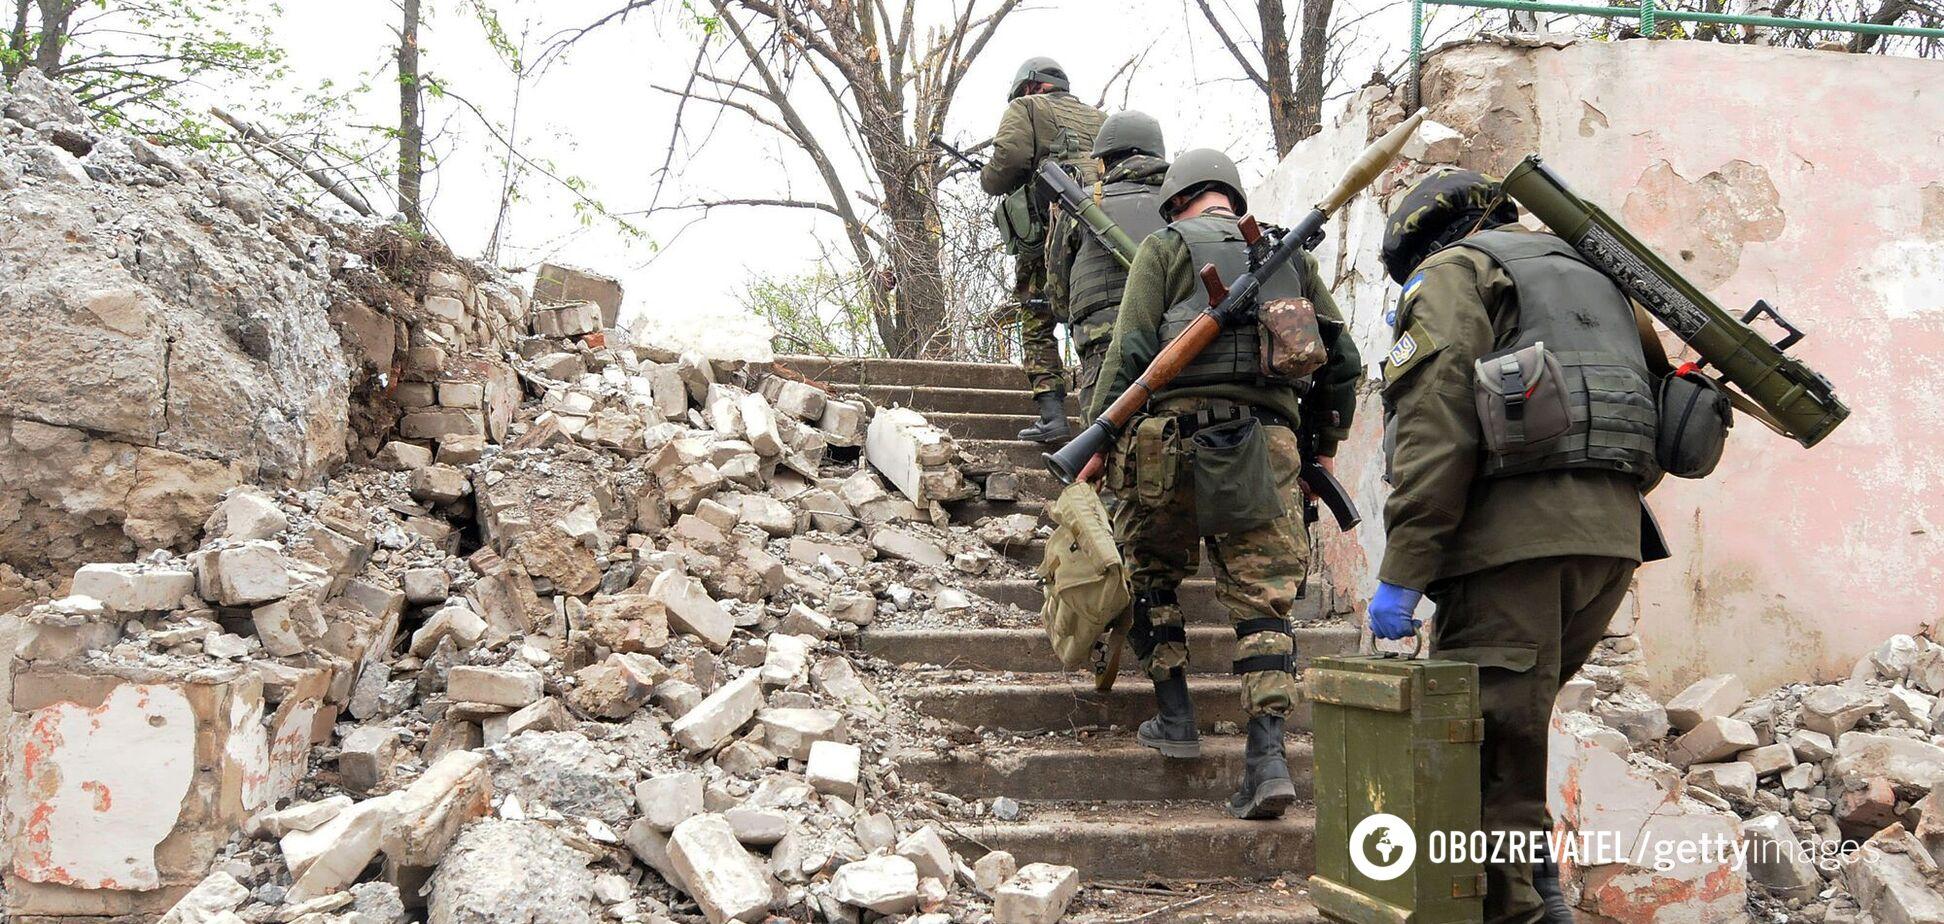 Реінтеграція Донбасу займе щонайменше 25 років, – Резніков